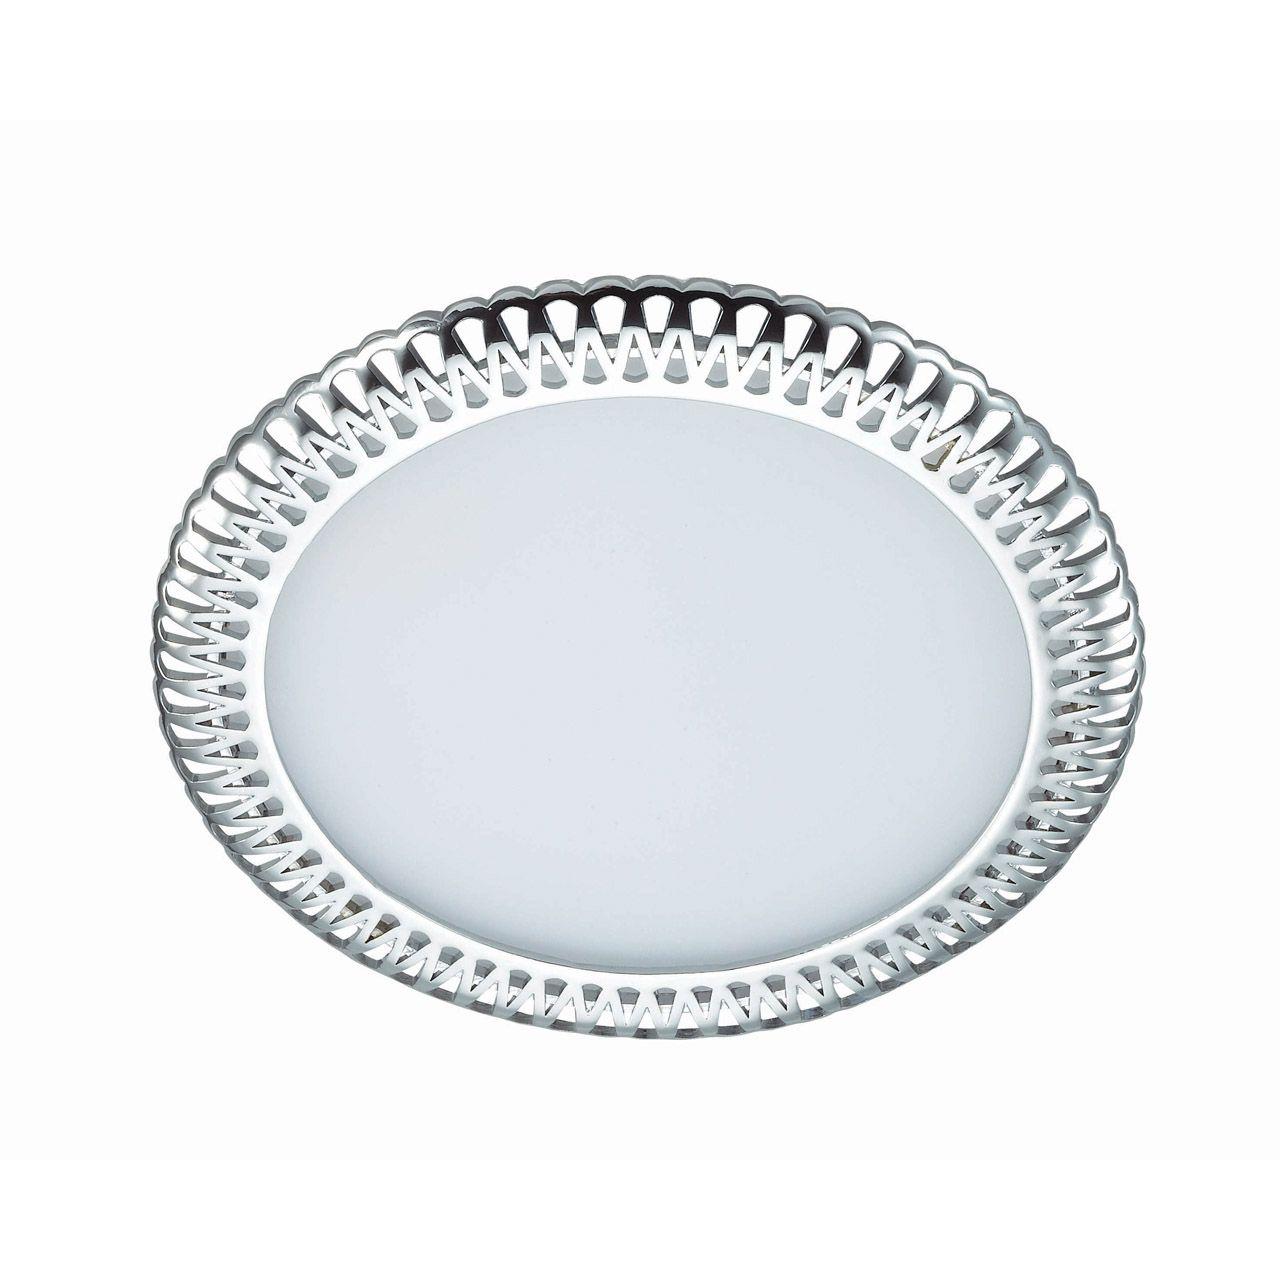 Встраиваемый светильник Novotech, LED, 12 Вт встраиваемый светильник novotech vitrage 369558